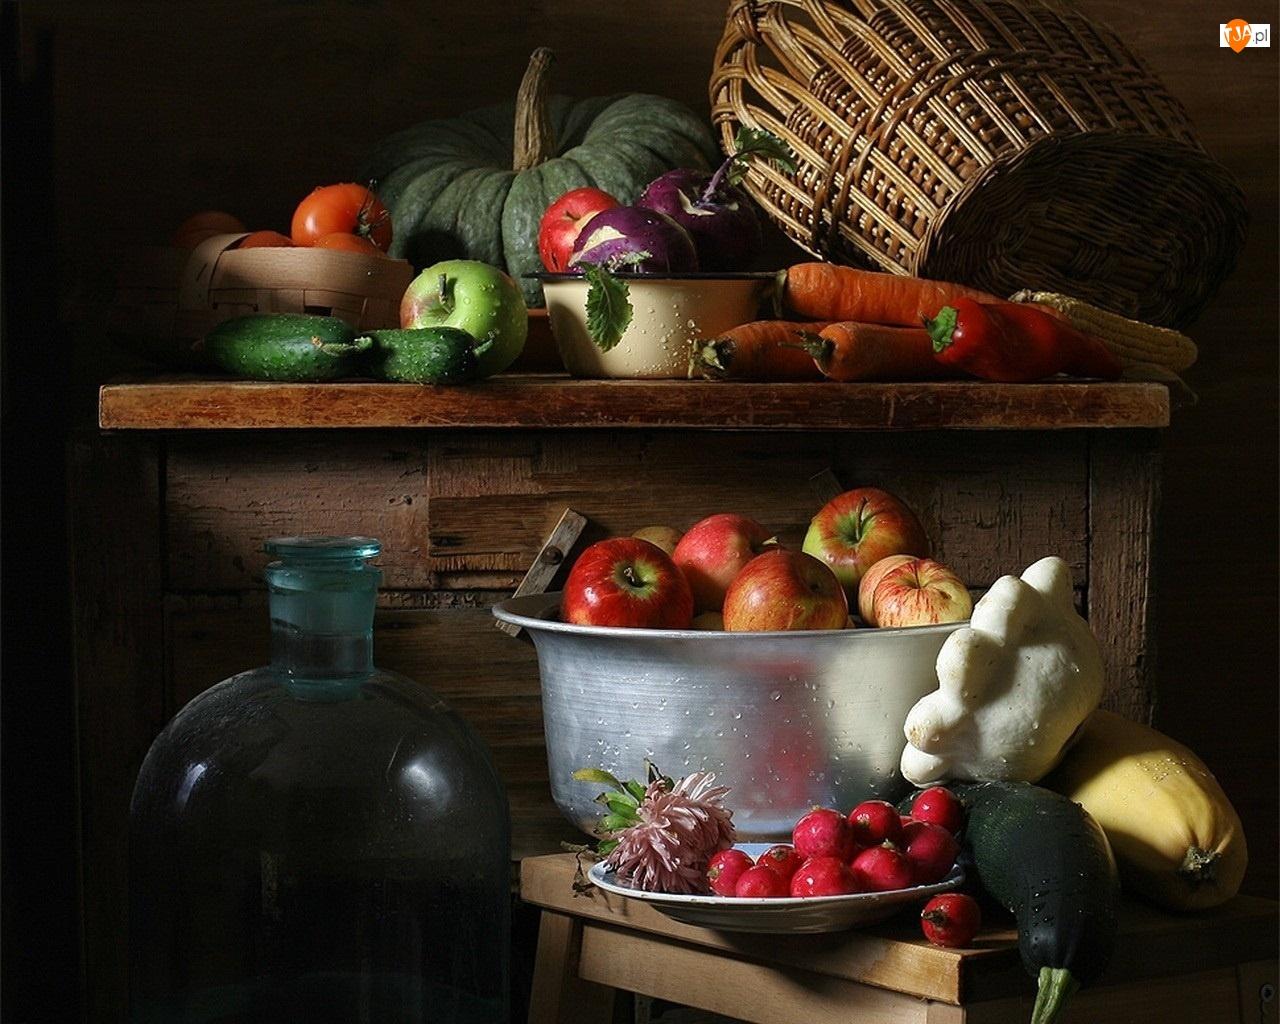 Owoce, Stół, Warzywa, Butelki, Jabłka, Kosz